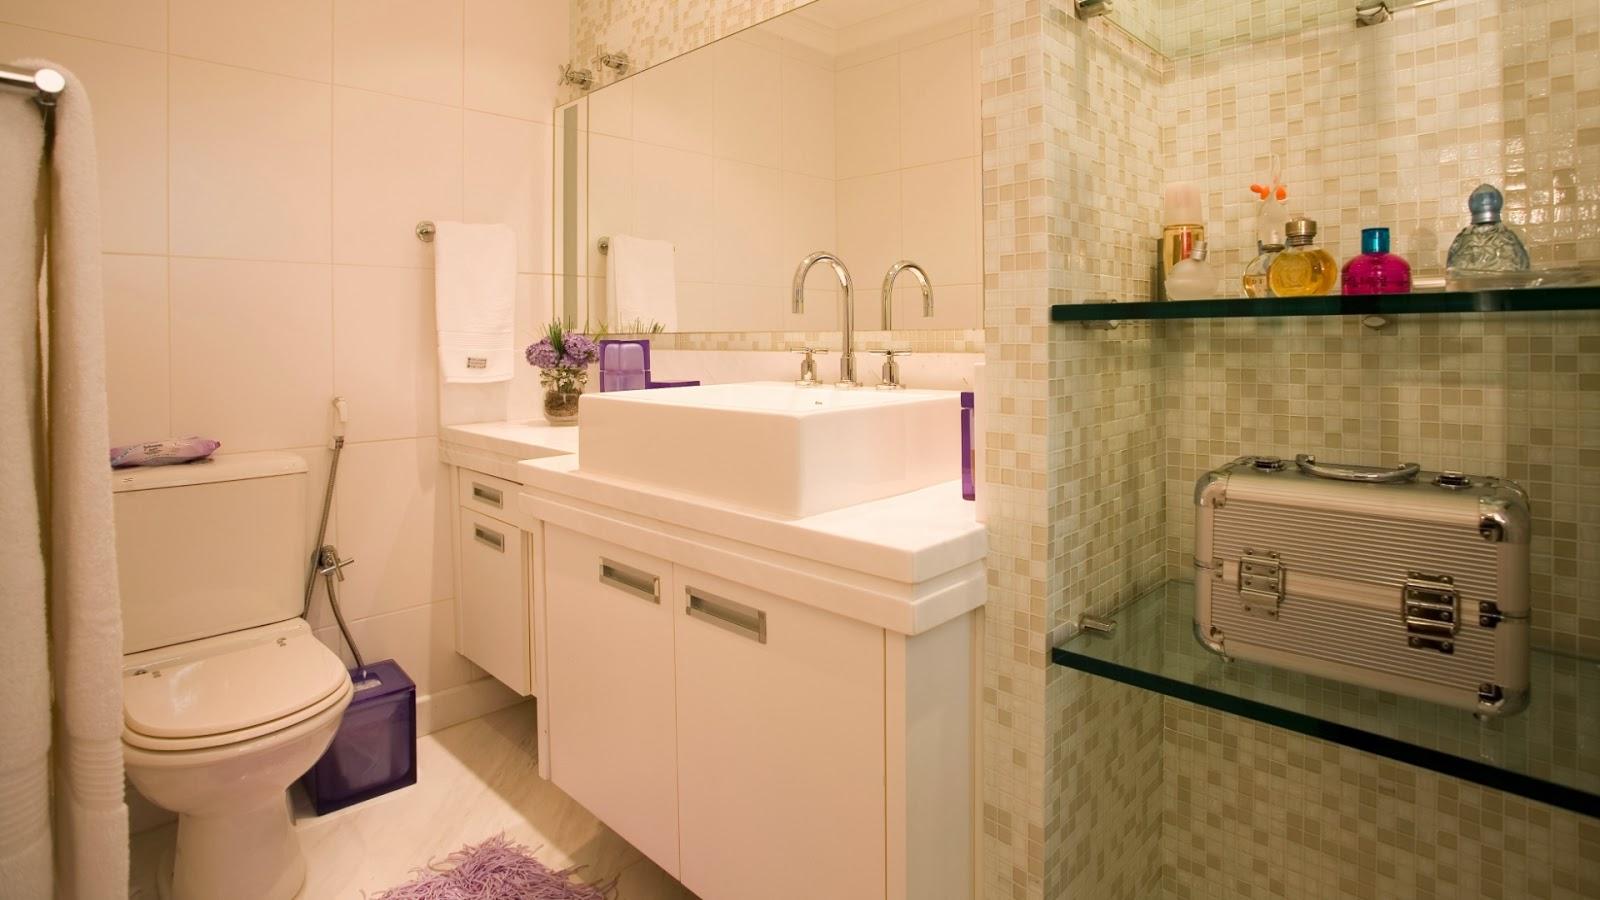 ser escolhidos de forma que combinem com a decoração do banheiro #B3163D 1600x900 Acessórios Para Banheiro Idosos